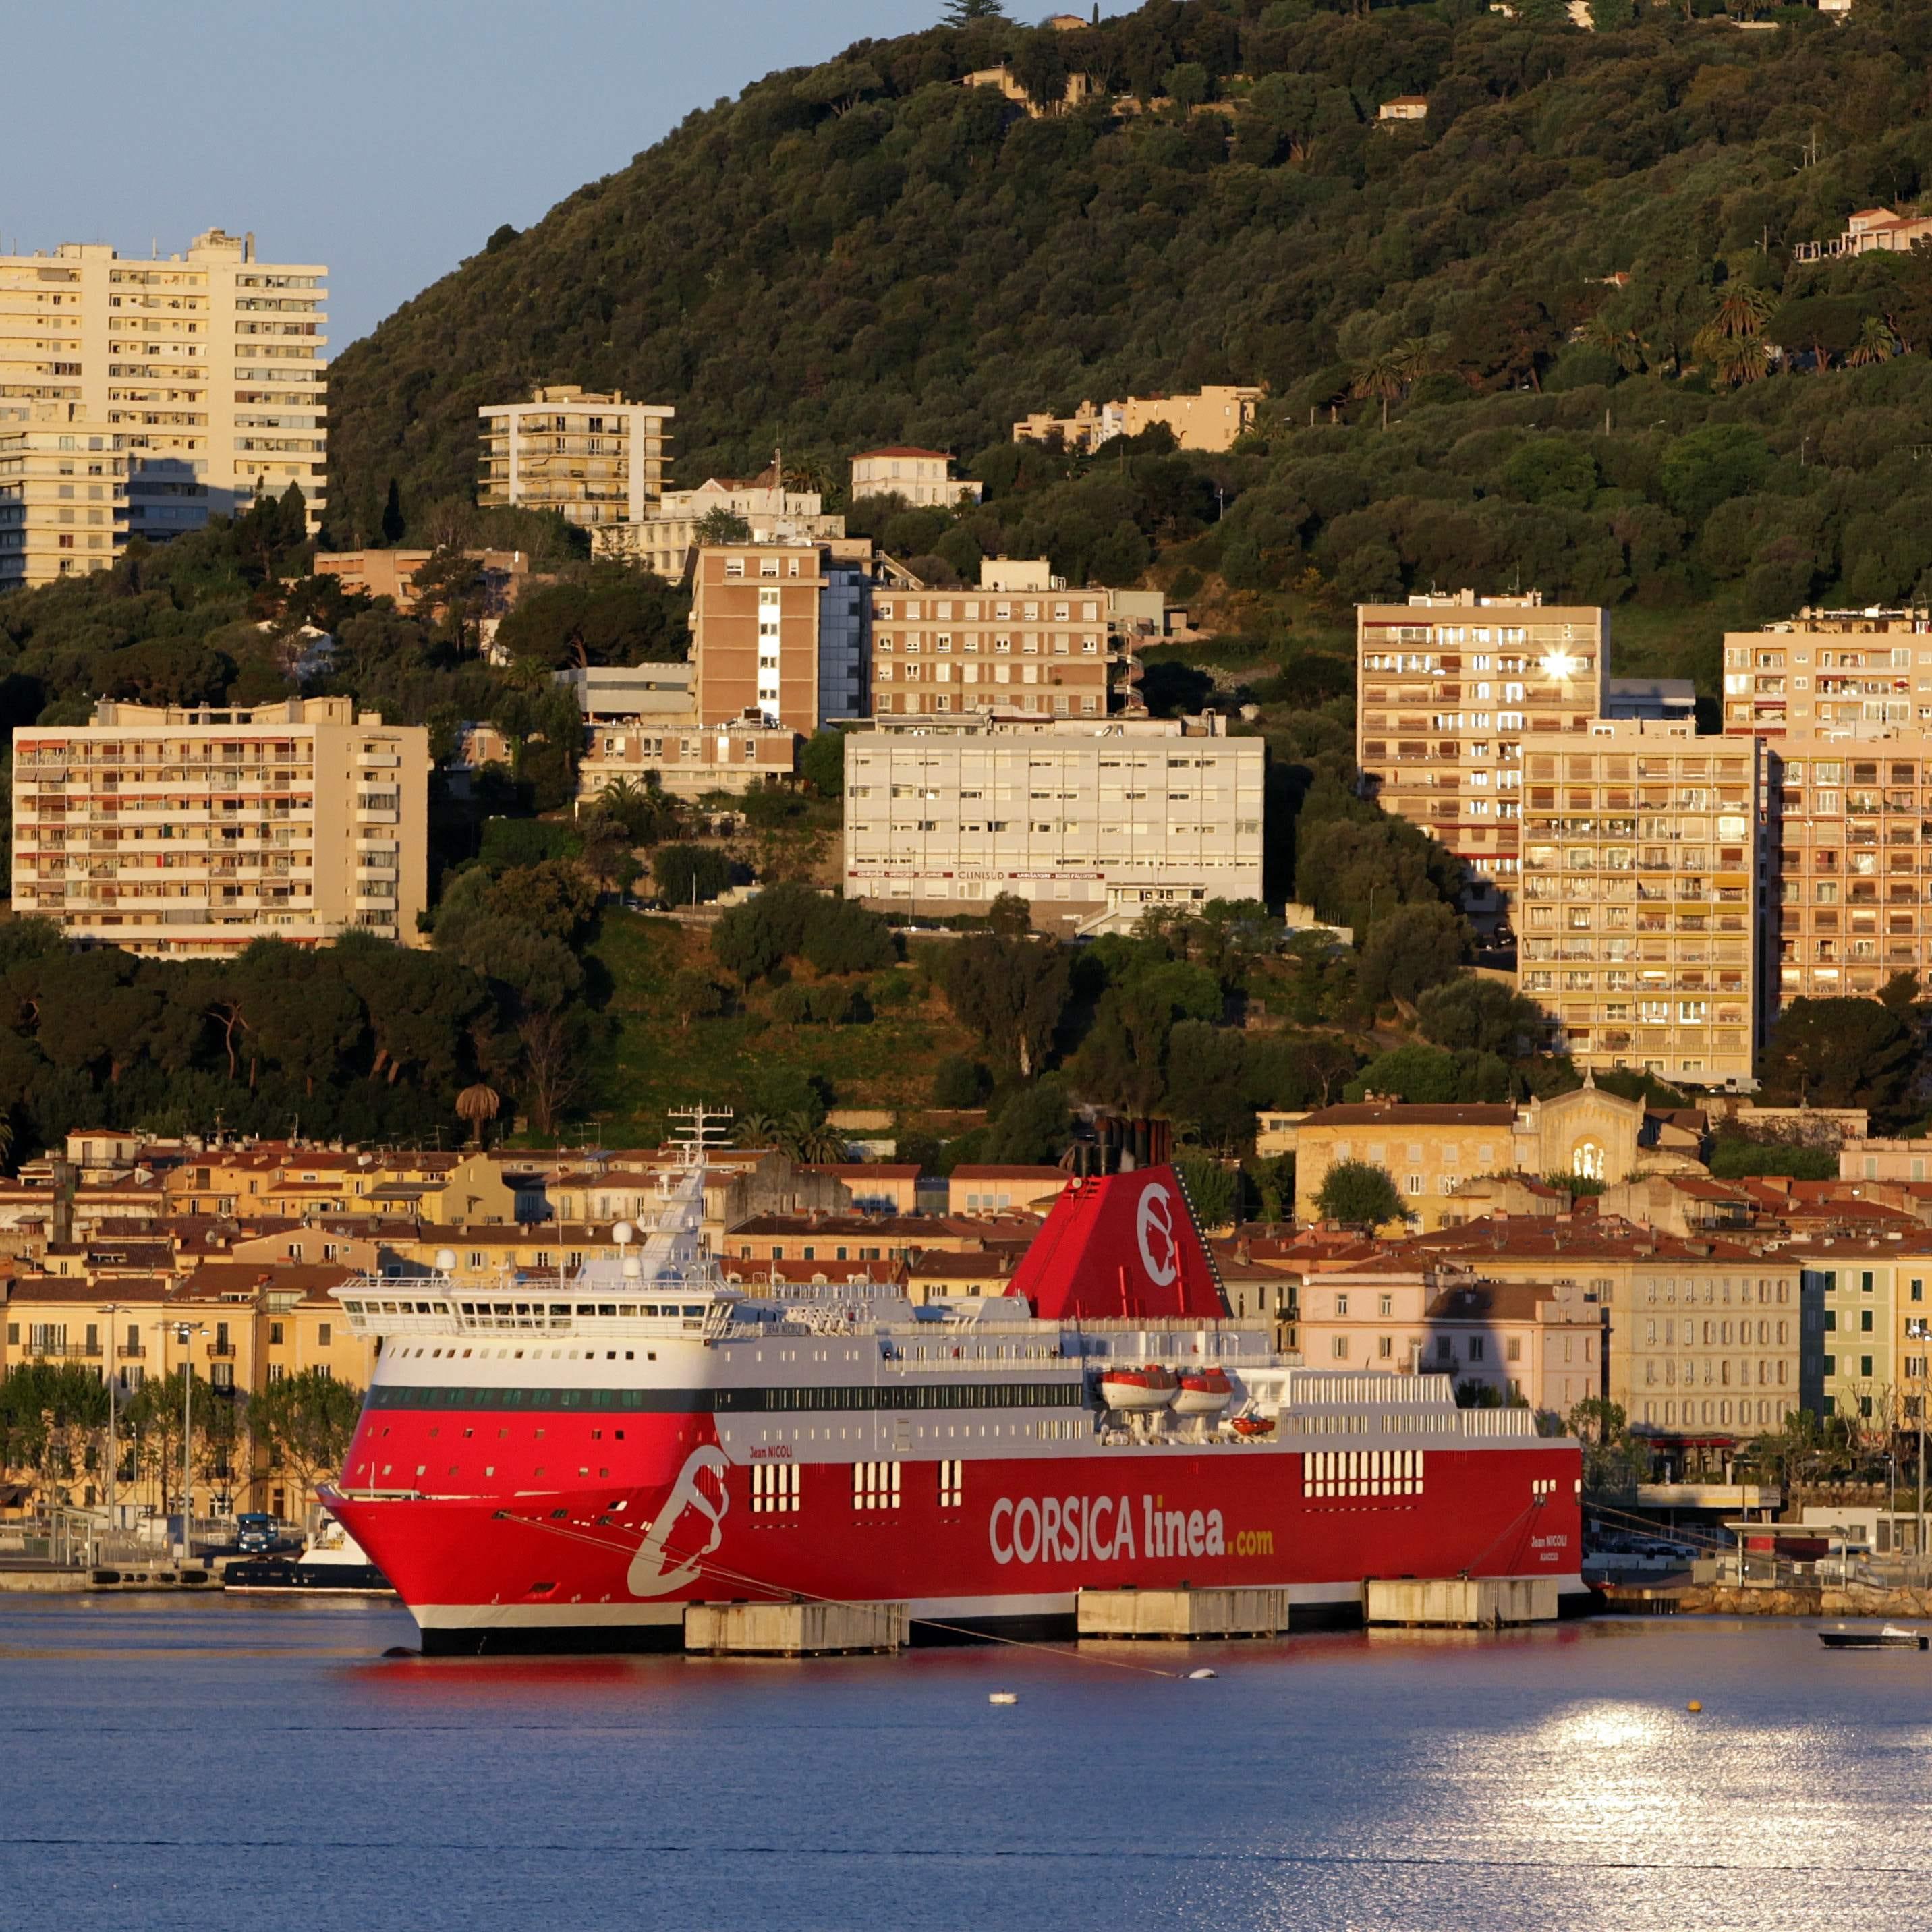 4. Corsica